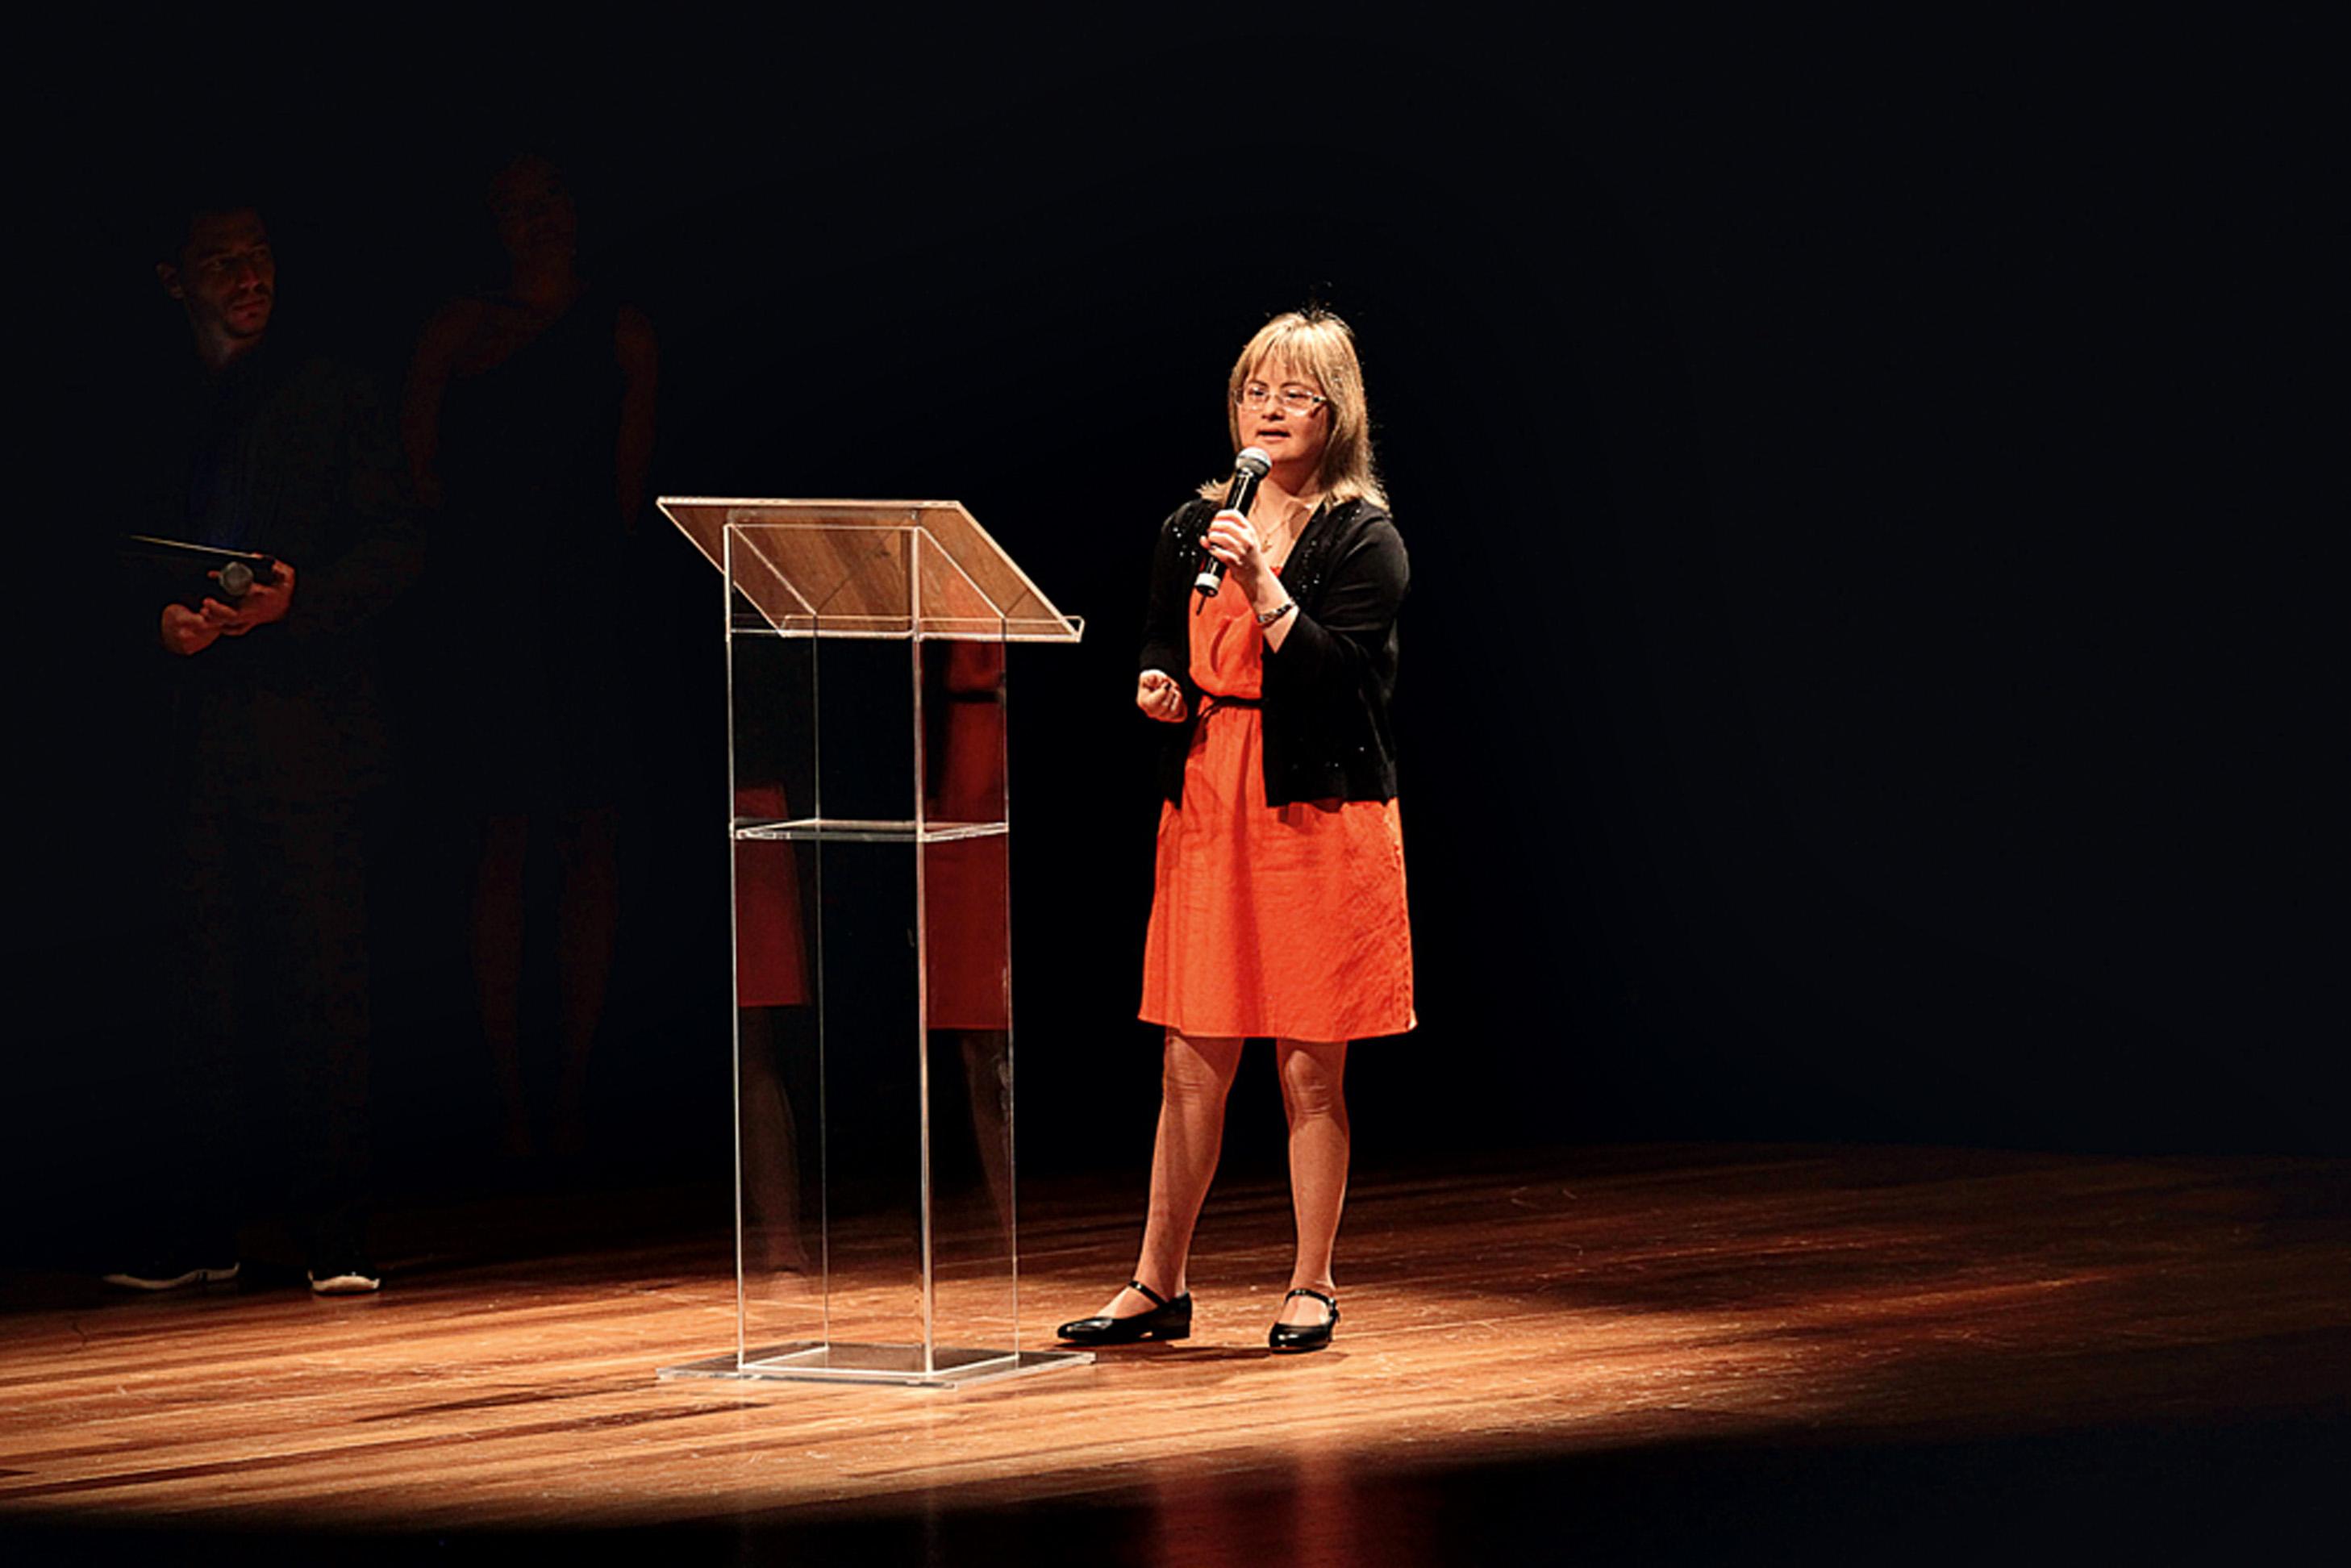 Ana Beatriz Paiva